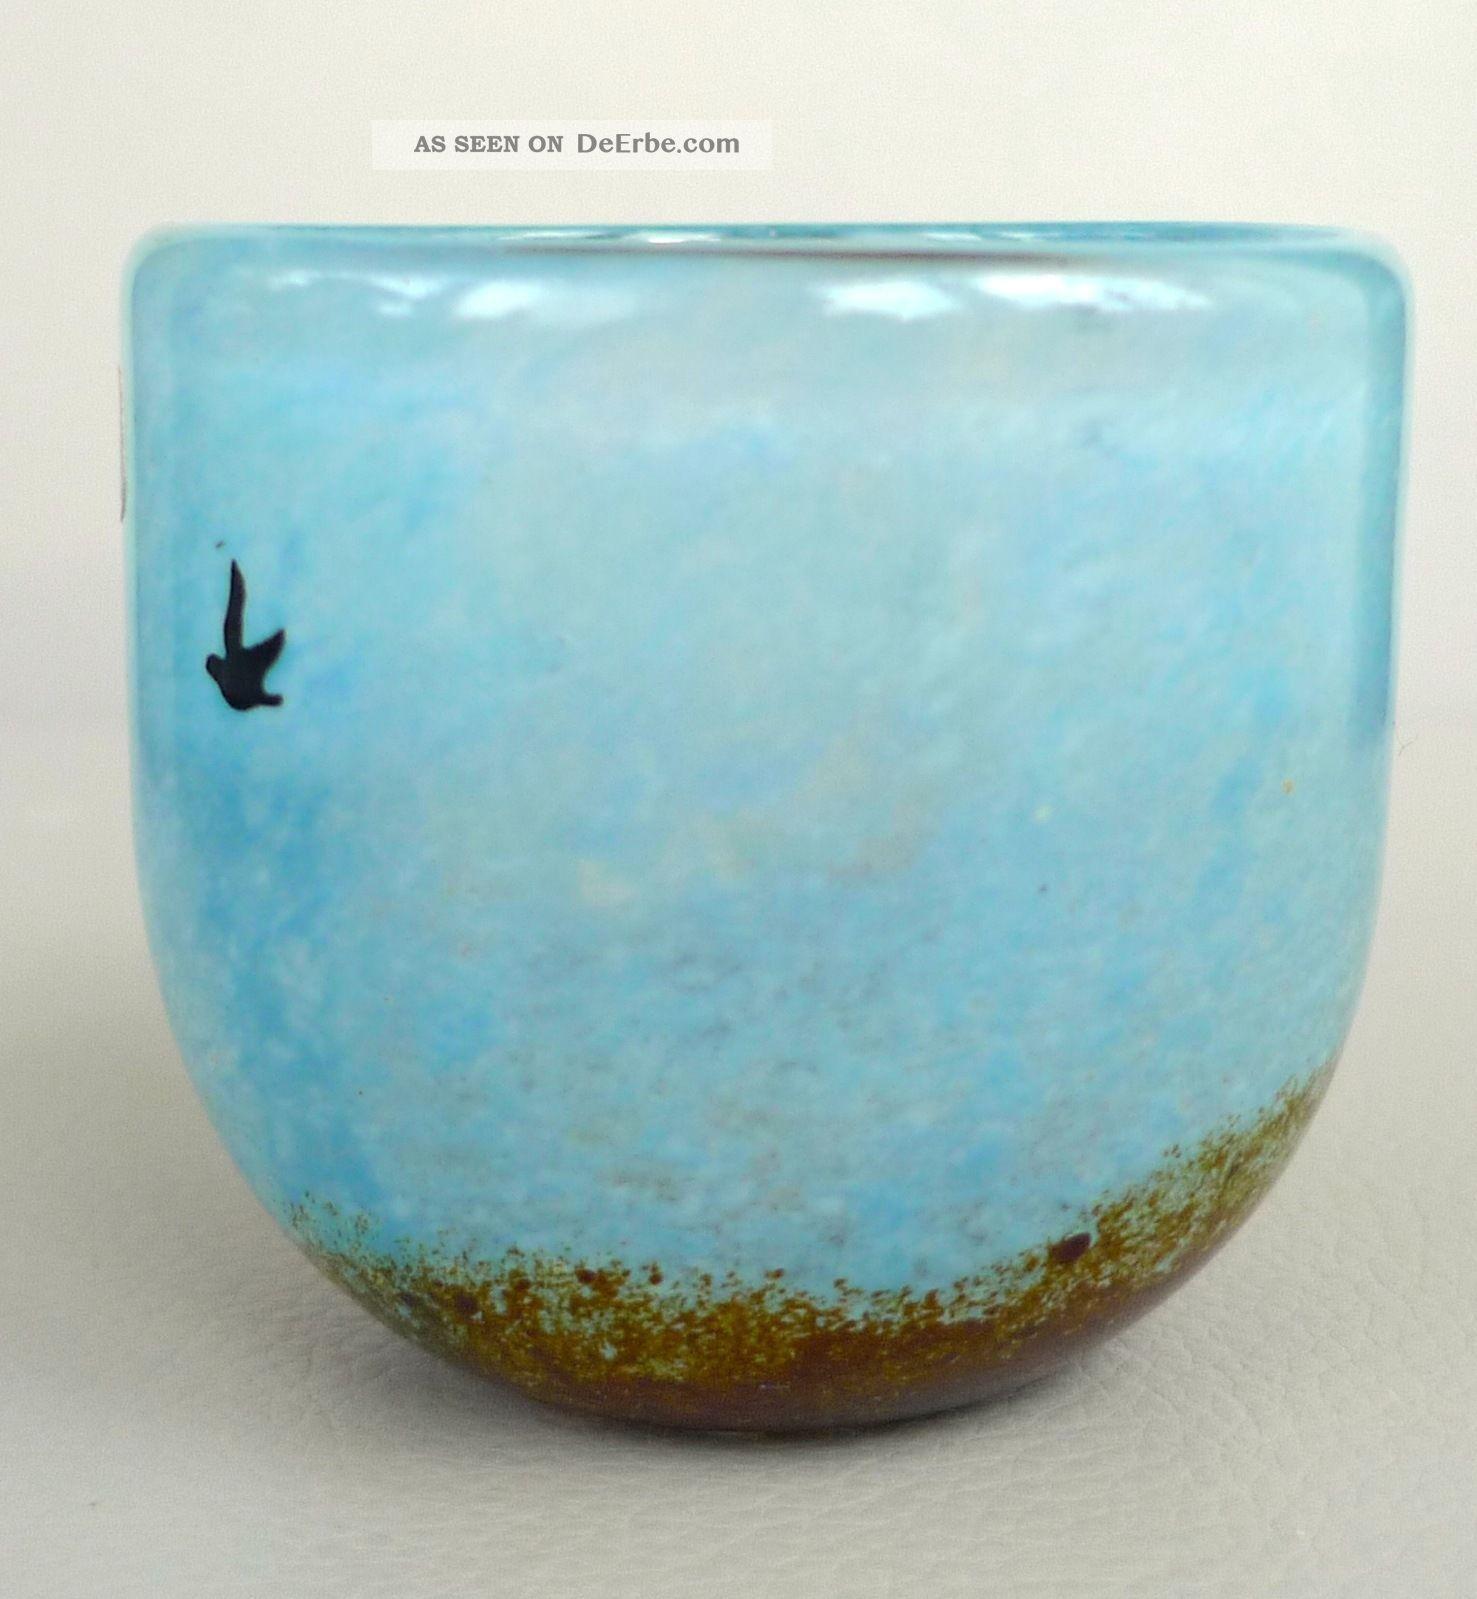 kosta boda schweden glas vase november design kjell engman atelierglas 1982. Black Bedroom Furniture Sets. Home Design Ideas